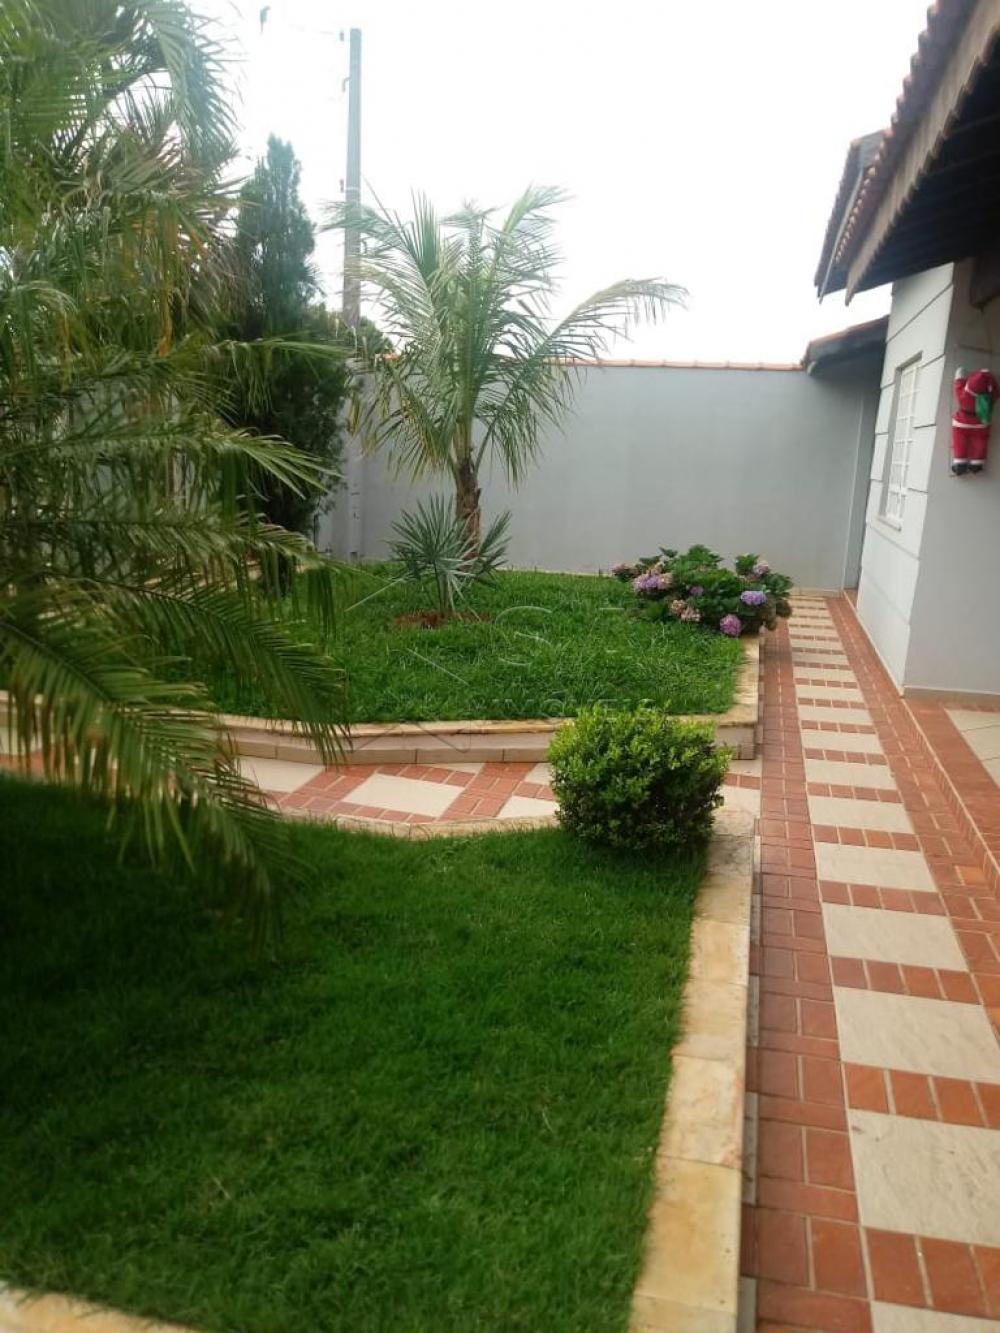 Comprar Casa / Padrão em Botucatu apenas R$ 470.000,00 - Foto 14